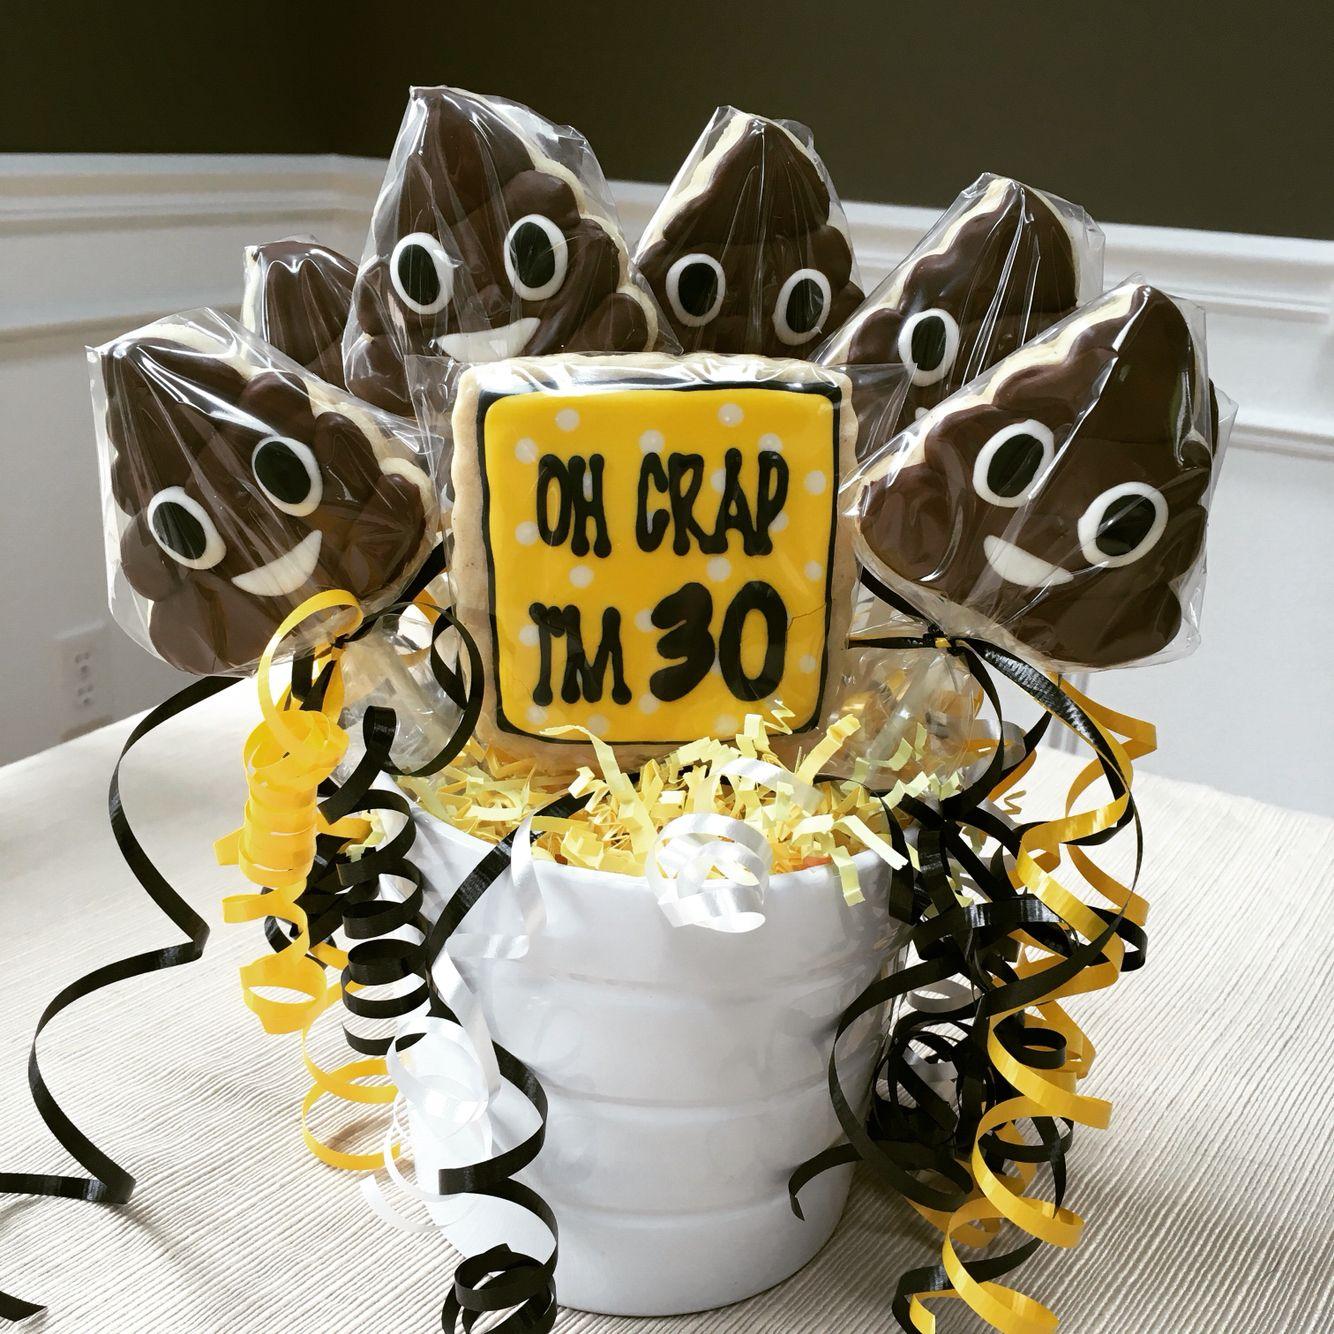 эверстов фото поздравление с днем рождения мужчине идеи удачей день рожденья